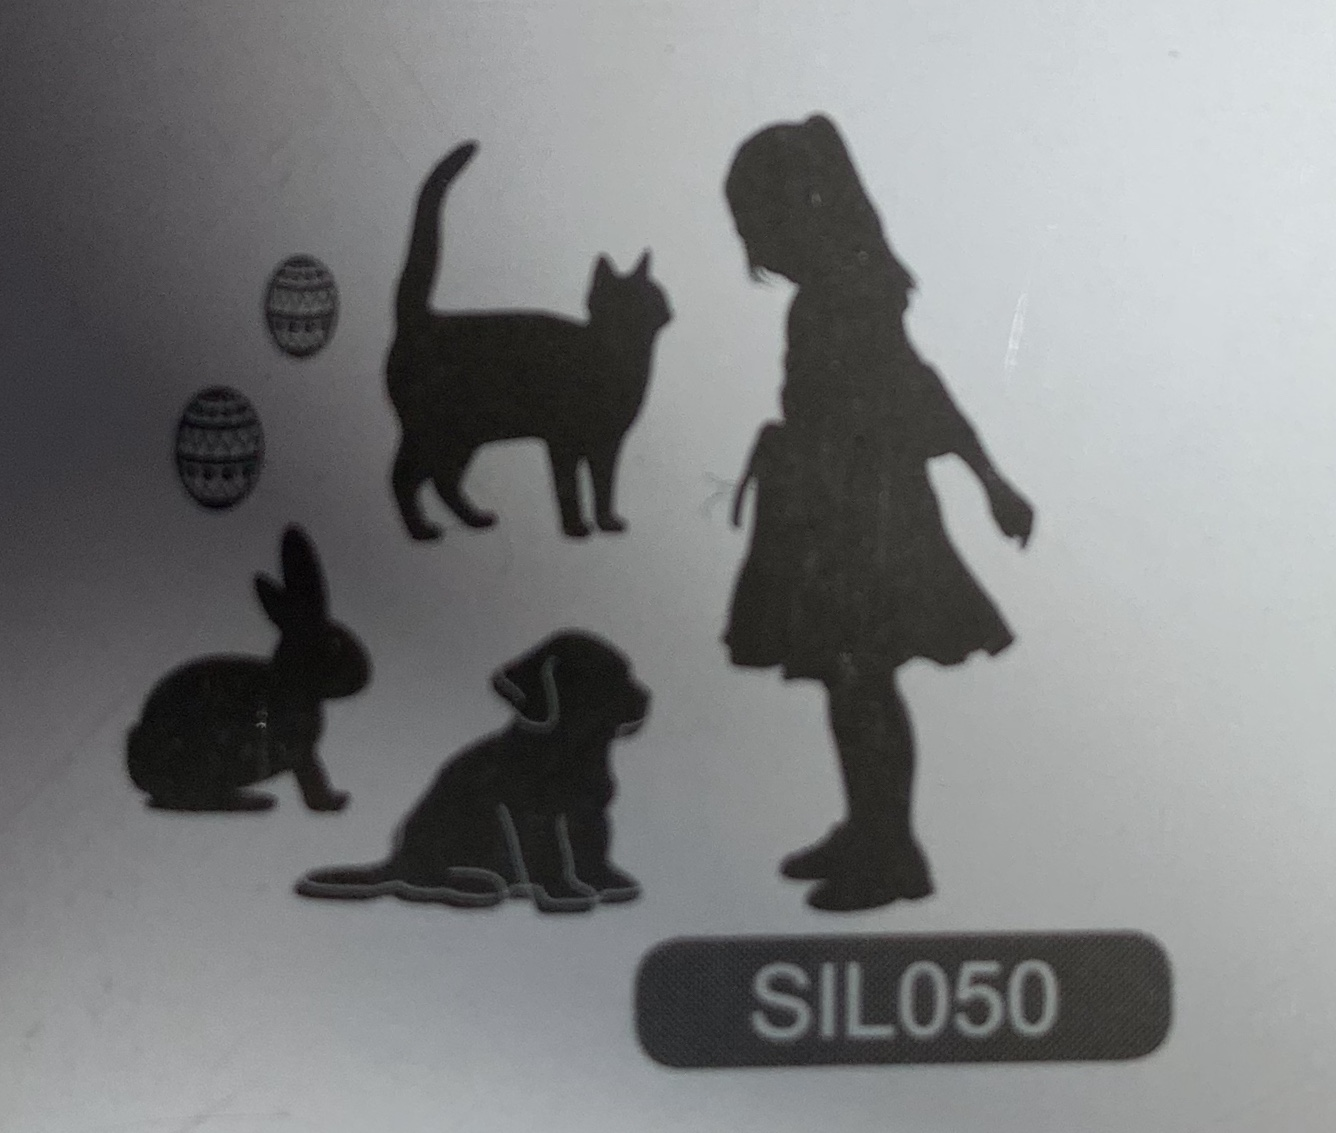 18FA8319-D535-4C8B-B3F0-79F34106D9DE